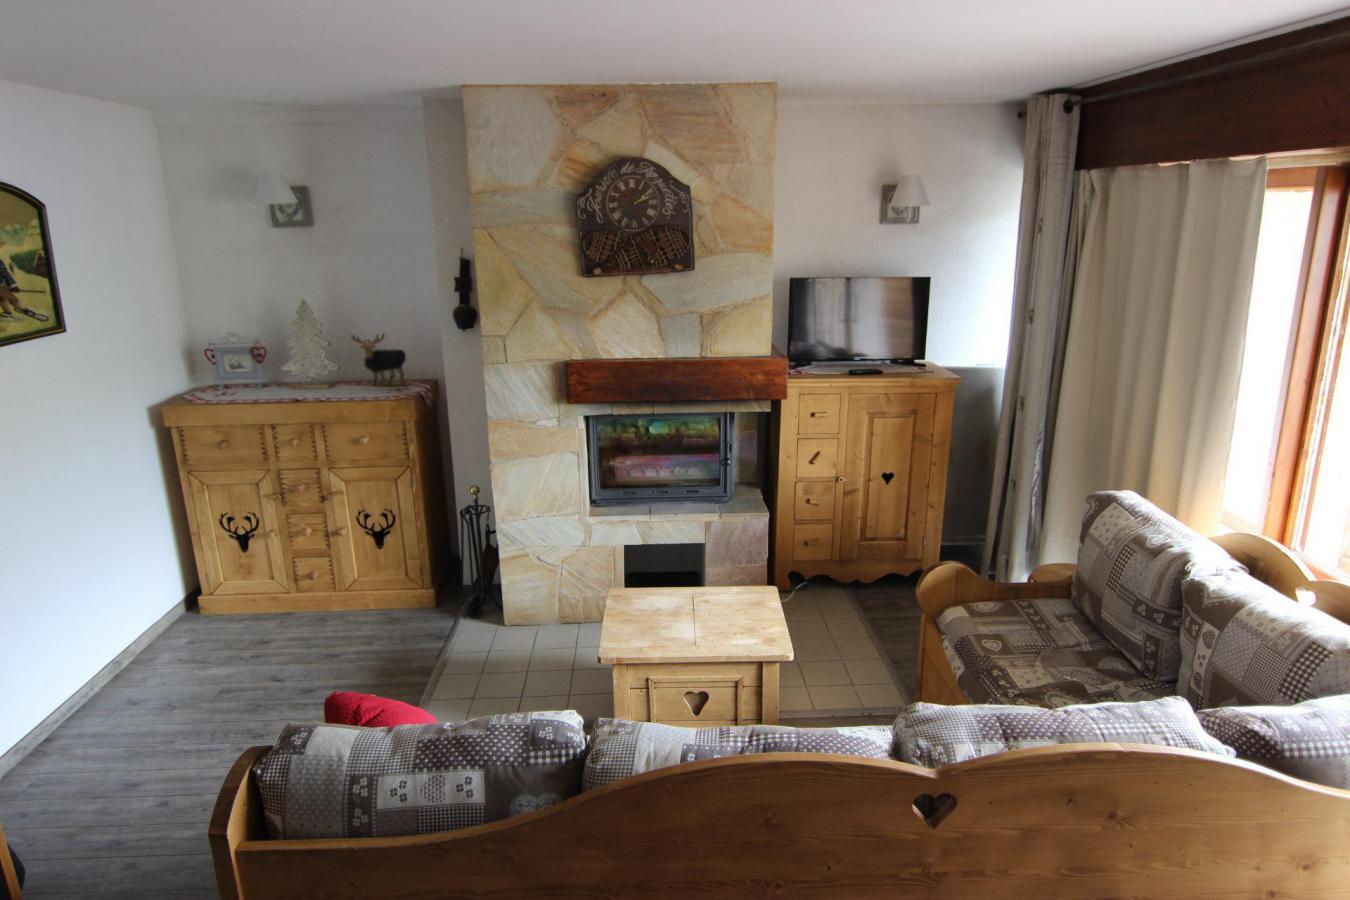 Location au ski Appartement 3 pièces 6 personnes (7) - Residence Beau Soleil - Val Thorens - Tv à écran plat